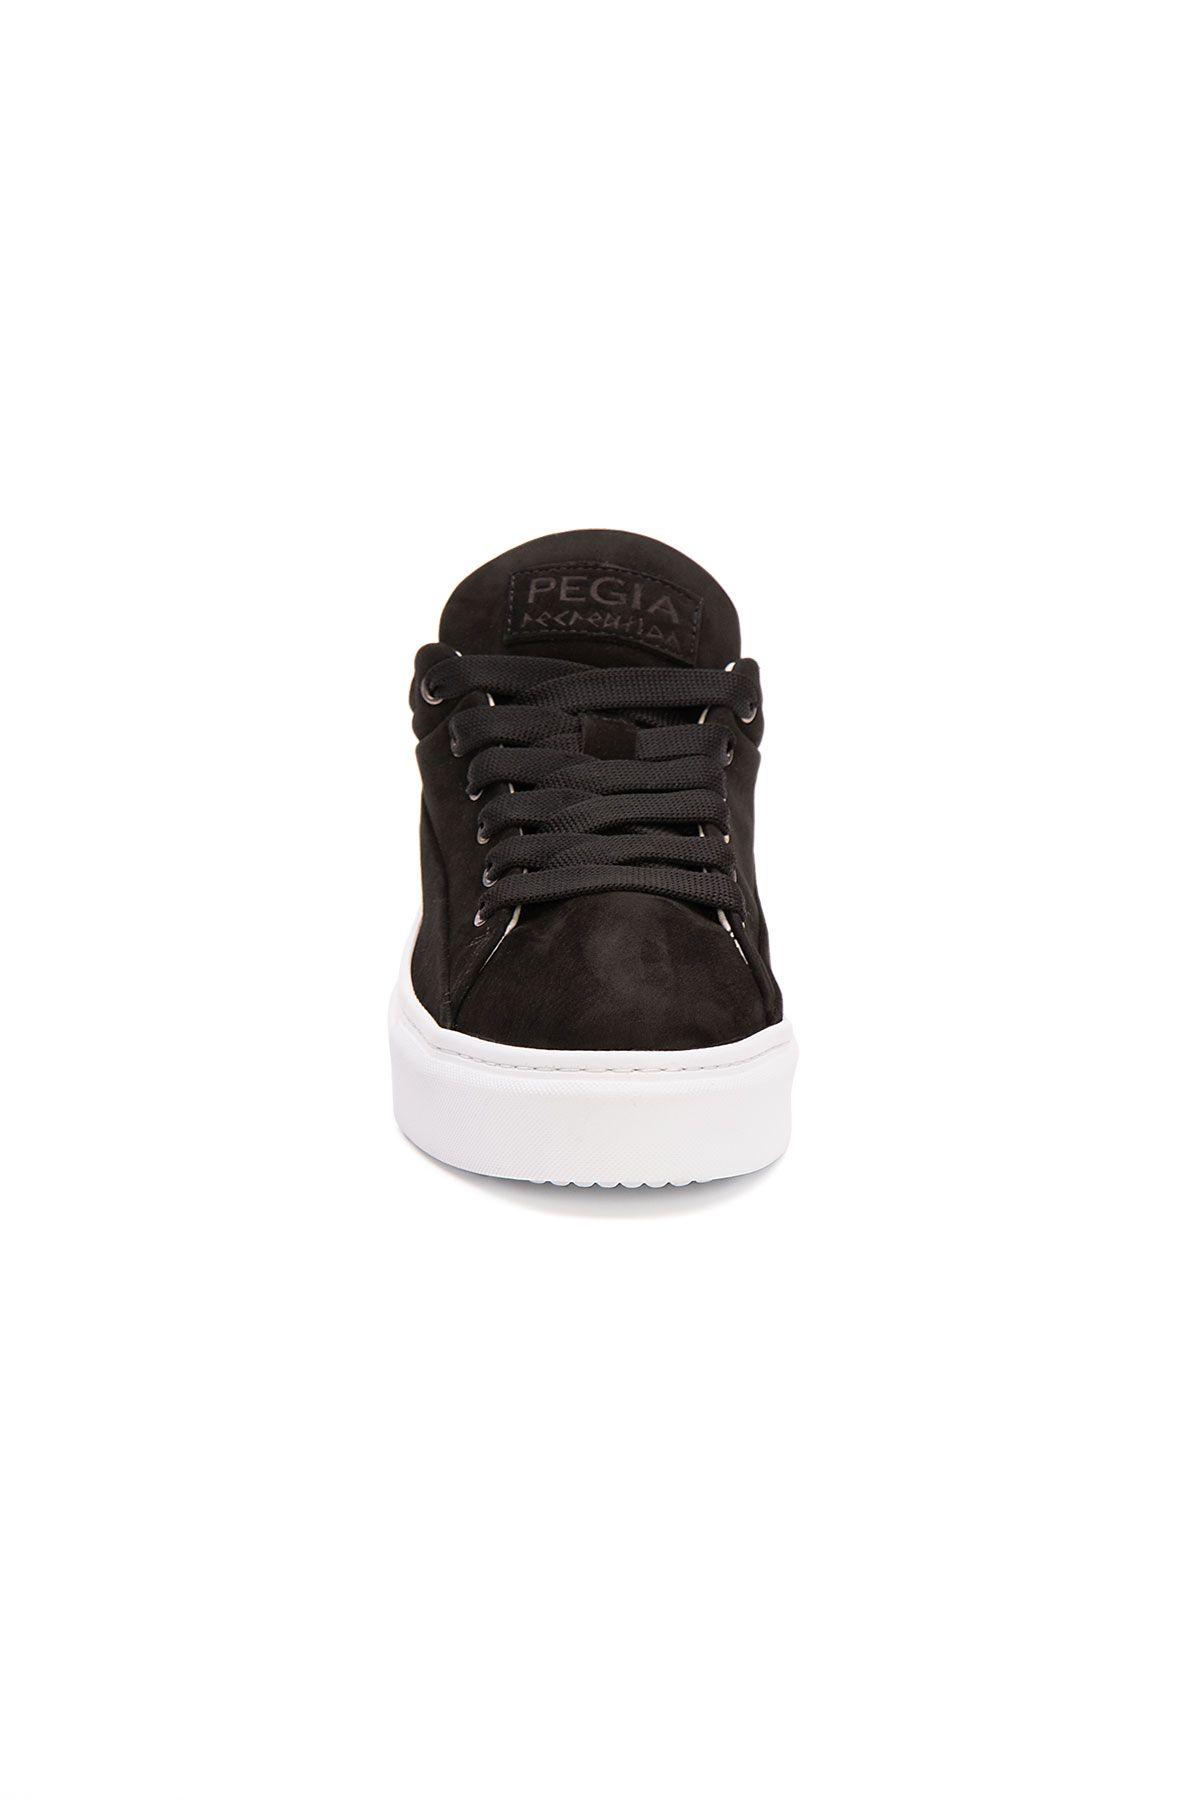 Pegia Genuine Nubuck Women's Sneaker LA1613 Black